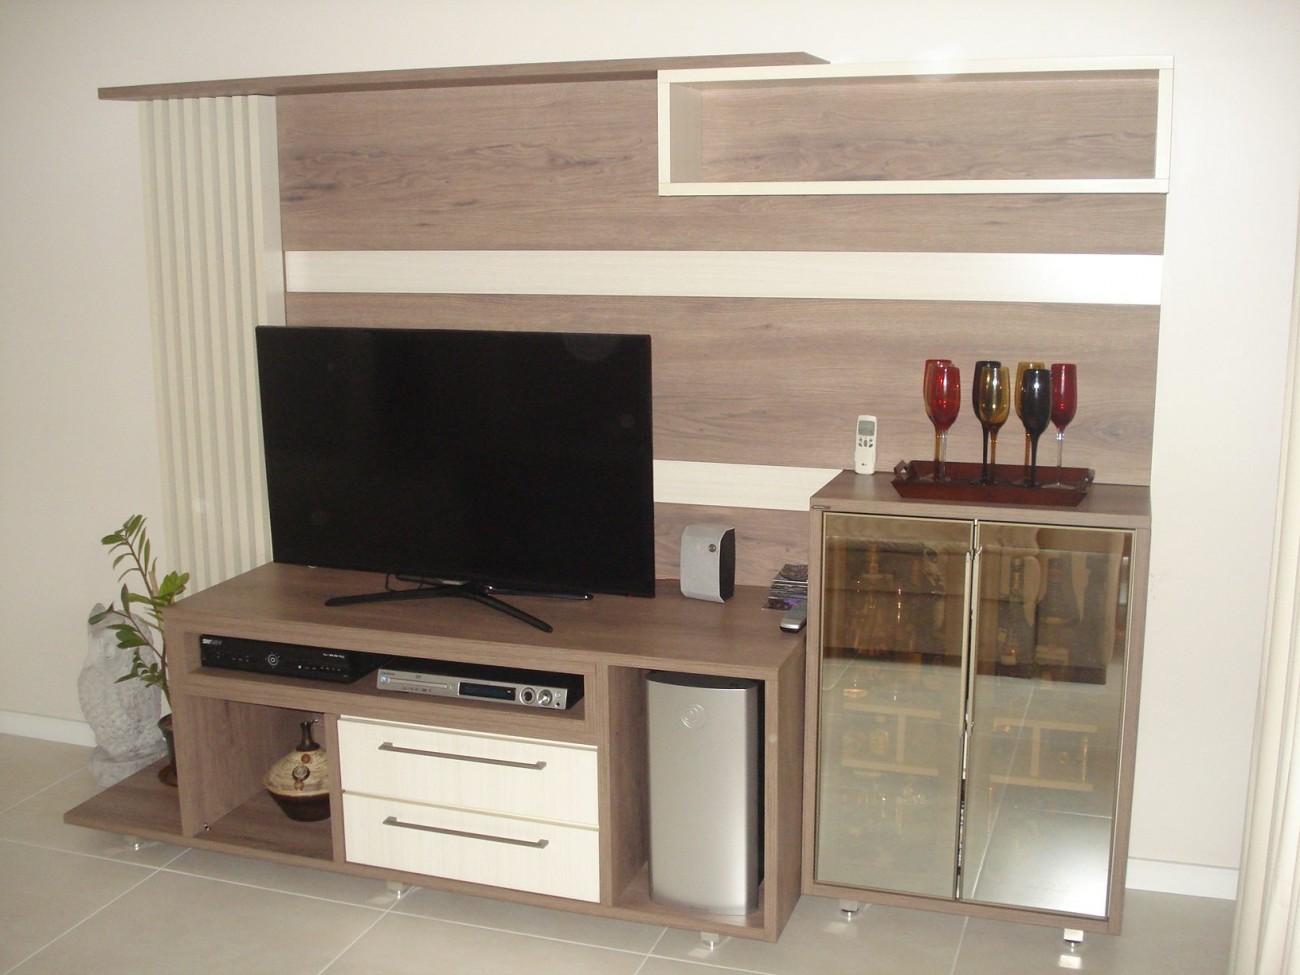 Apartamento 2 Dormitórios no Residencial Módena. Bairro Florestal  #63493A 1300 975